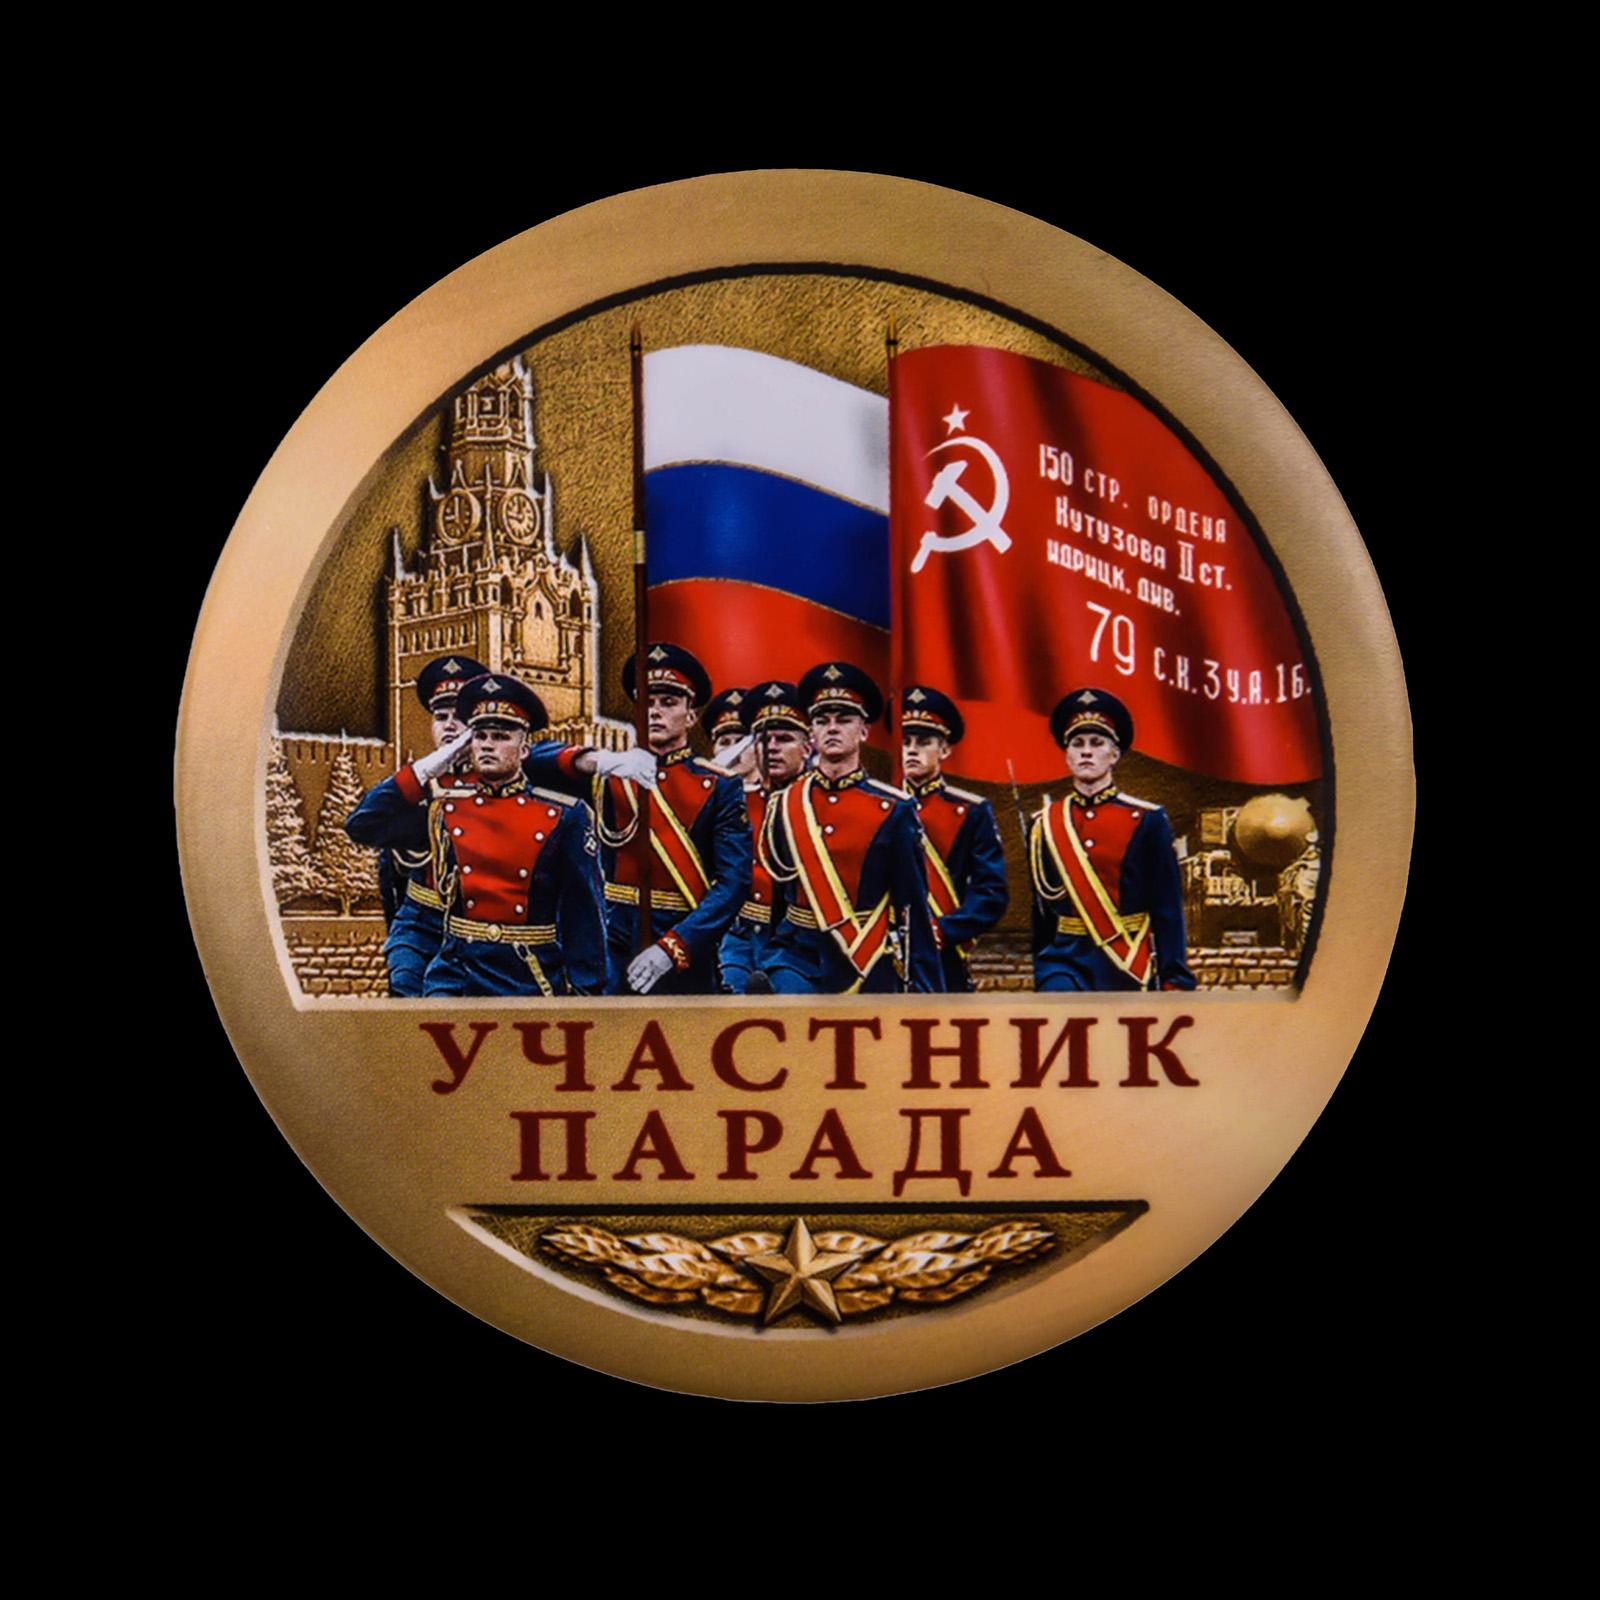 Закатный значок для участника парада на день Победы - авторский дизайн